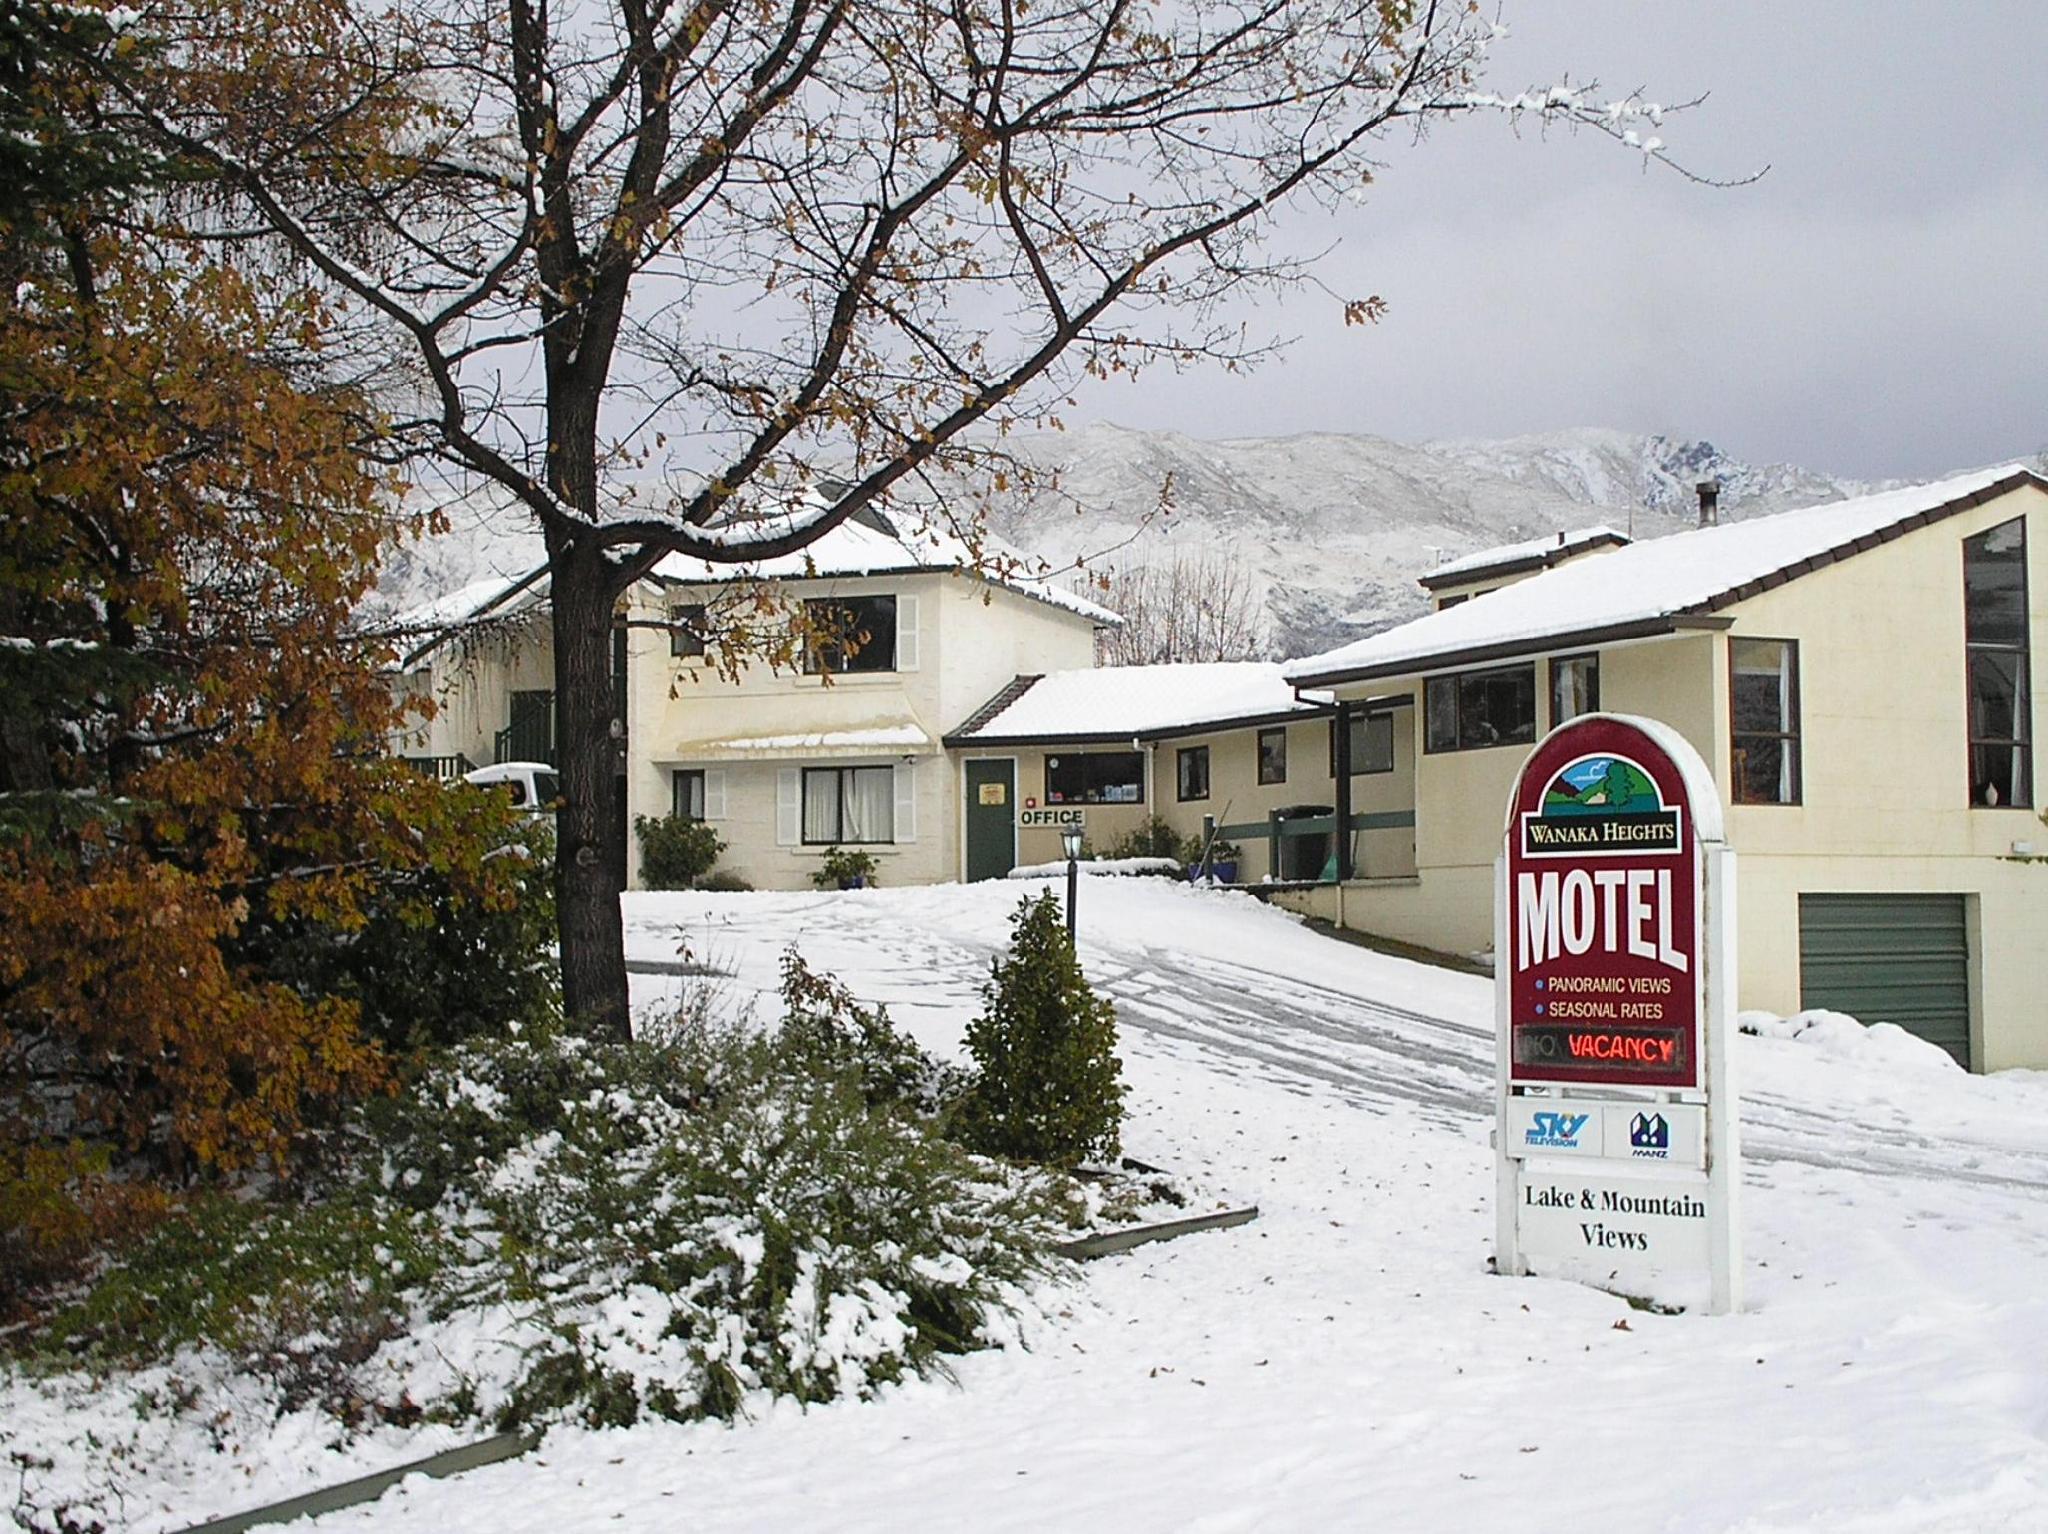 Wanaka Heights Motel - Hotell och Boende i Nya Zeeland i Stilla havet och Australien